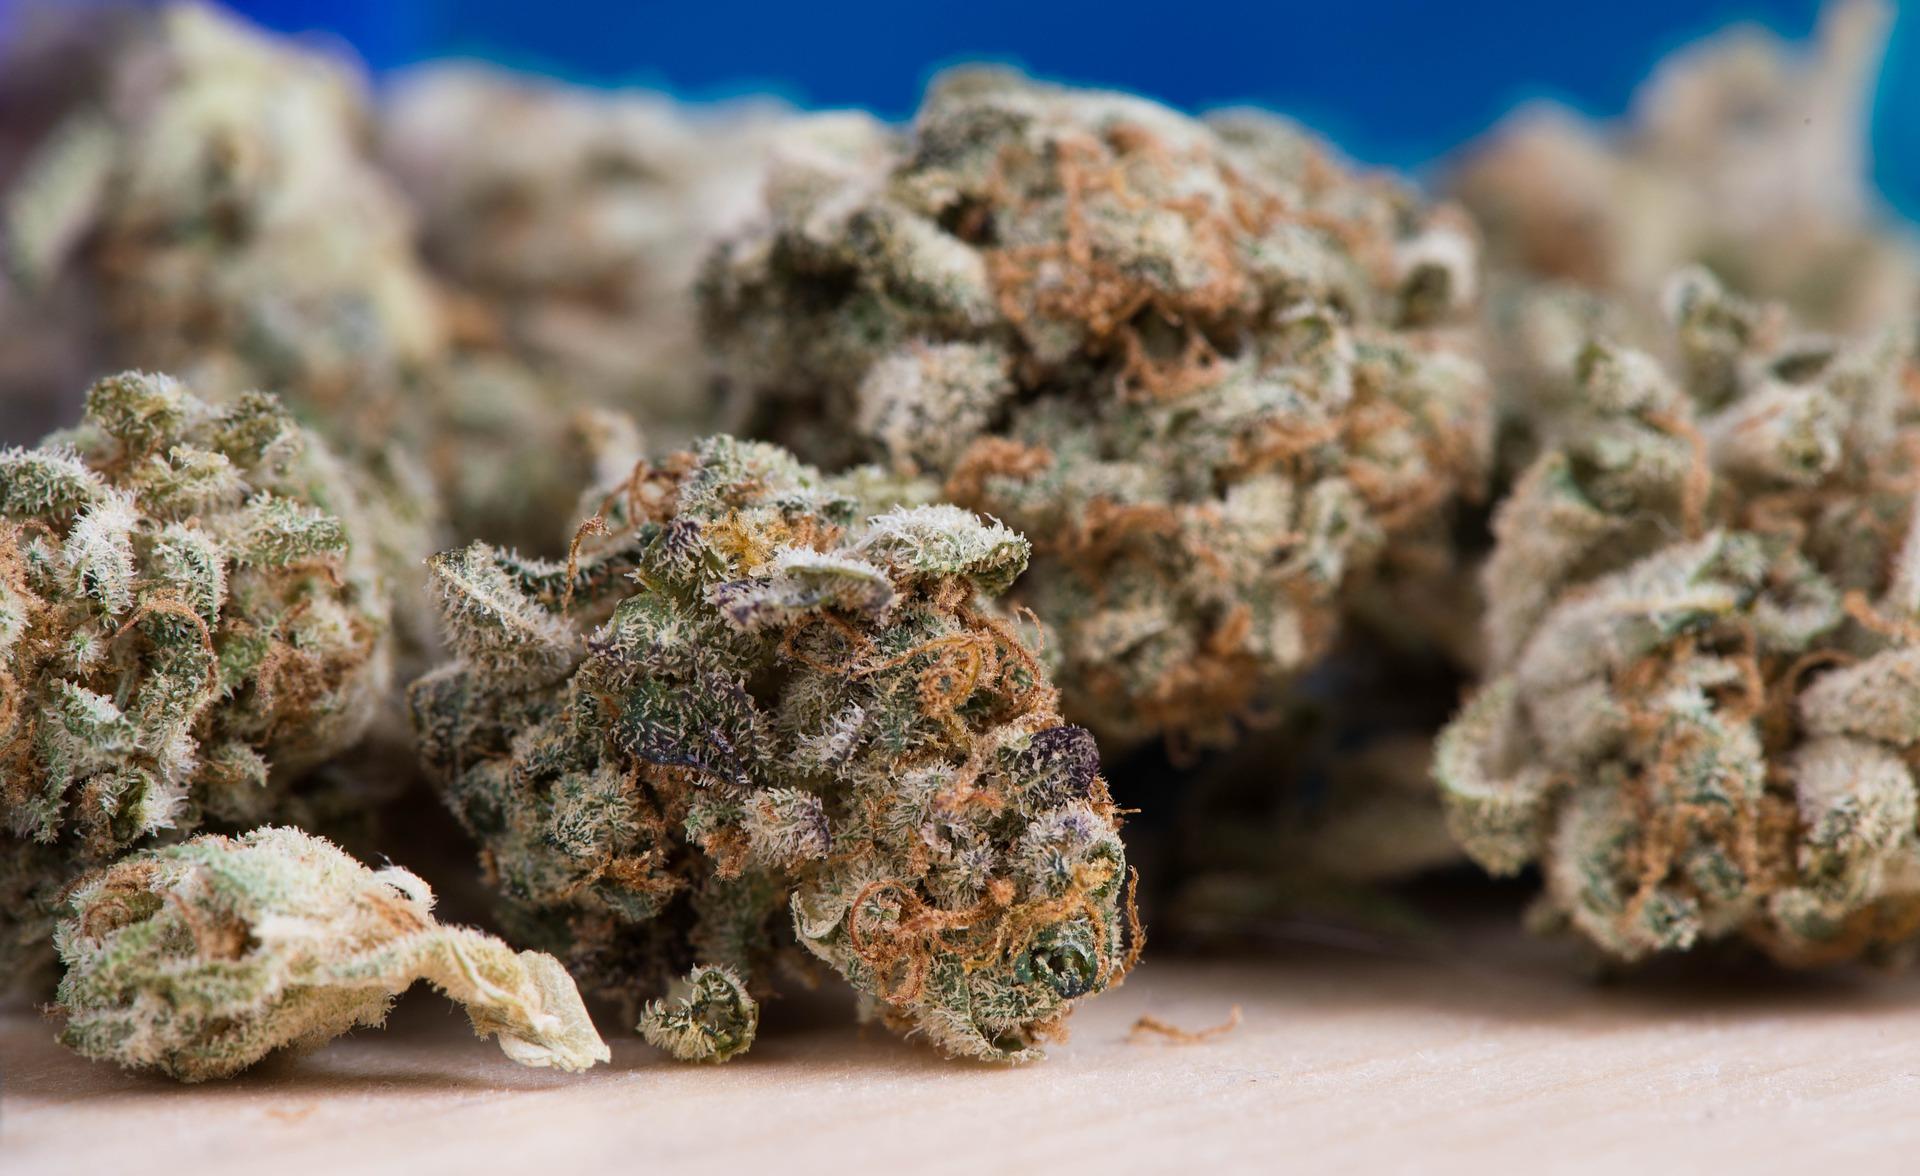 Die Wirkstoffe von Cannabis befinden sich zum Großteil in den Blüten.